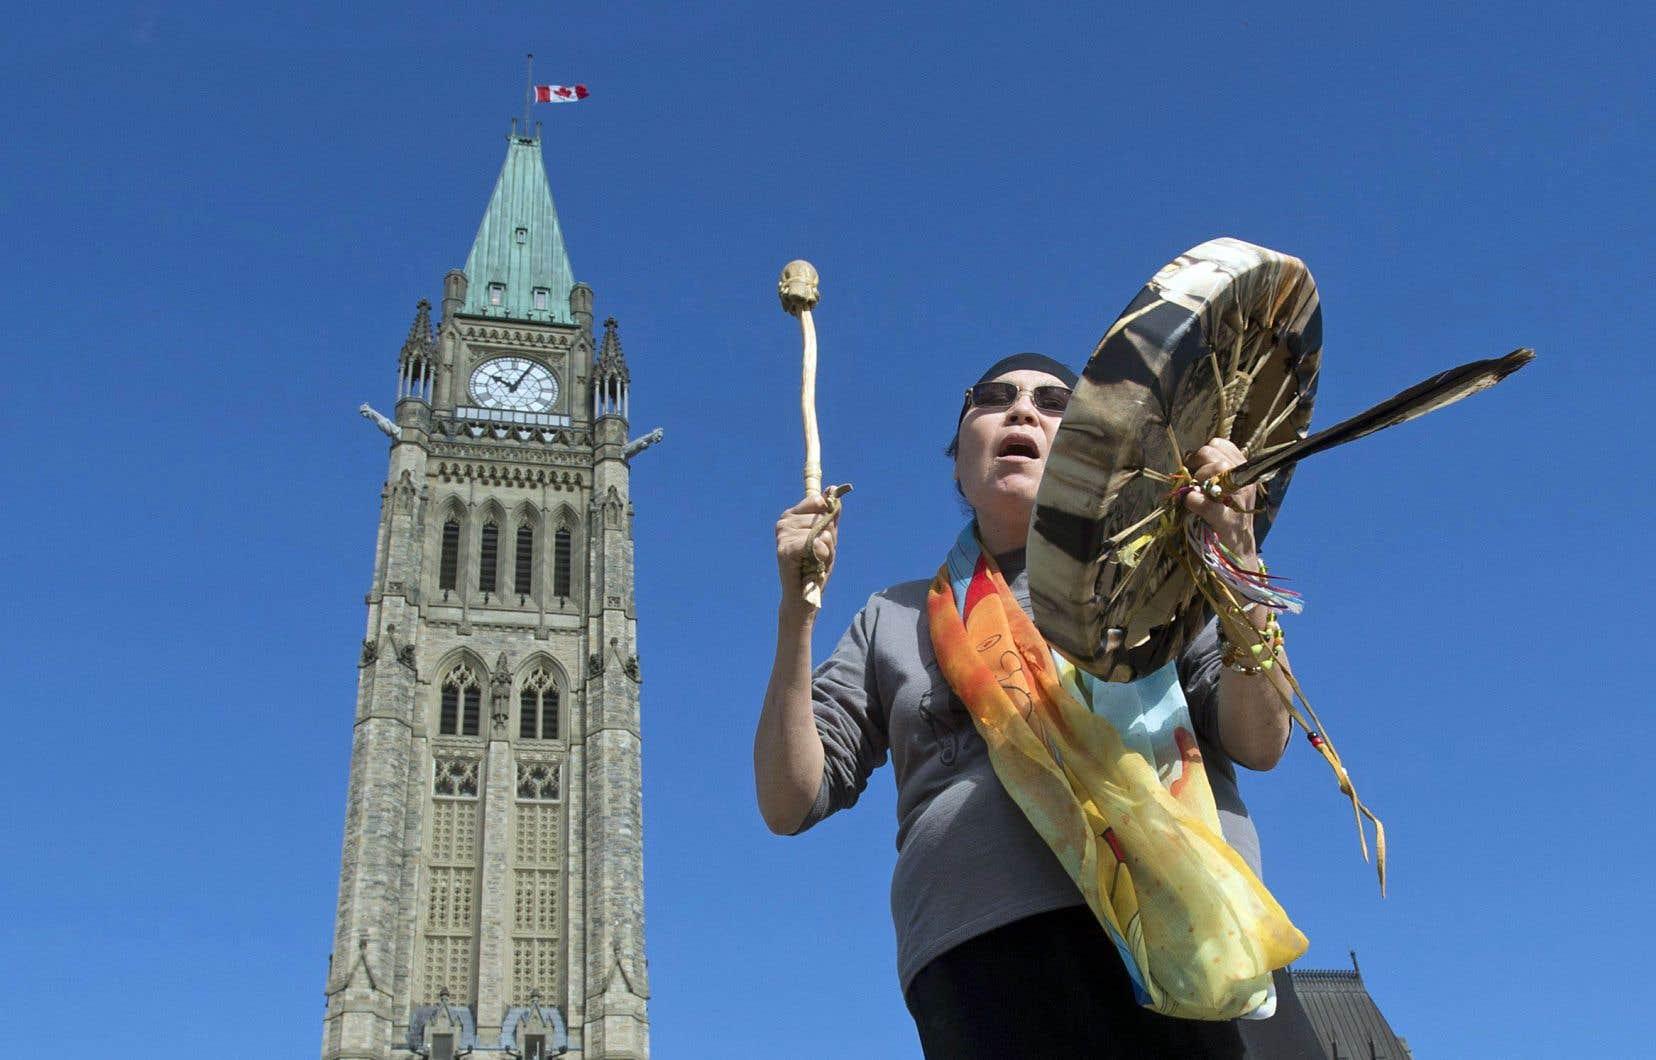 La chef Marcia Brown Martel chante à l'extérieur du parlement d'Ottawa après l'annonce d'une entente avec les enfants de la rafle des années 1960.